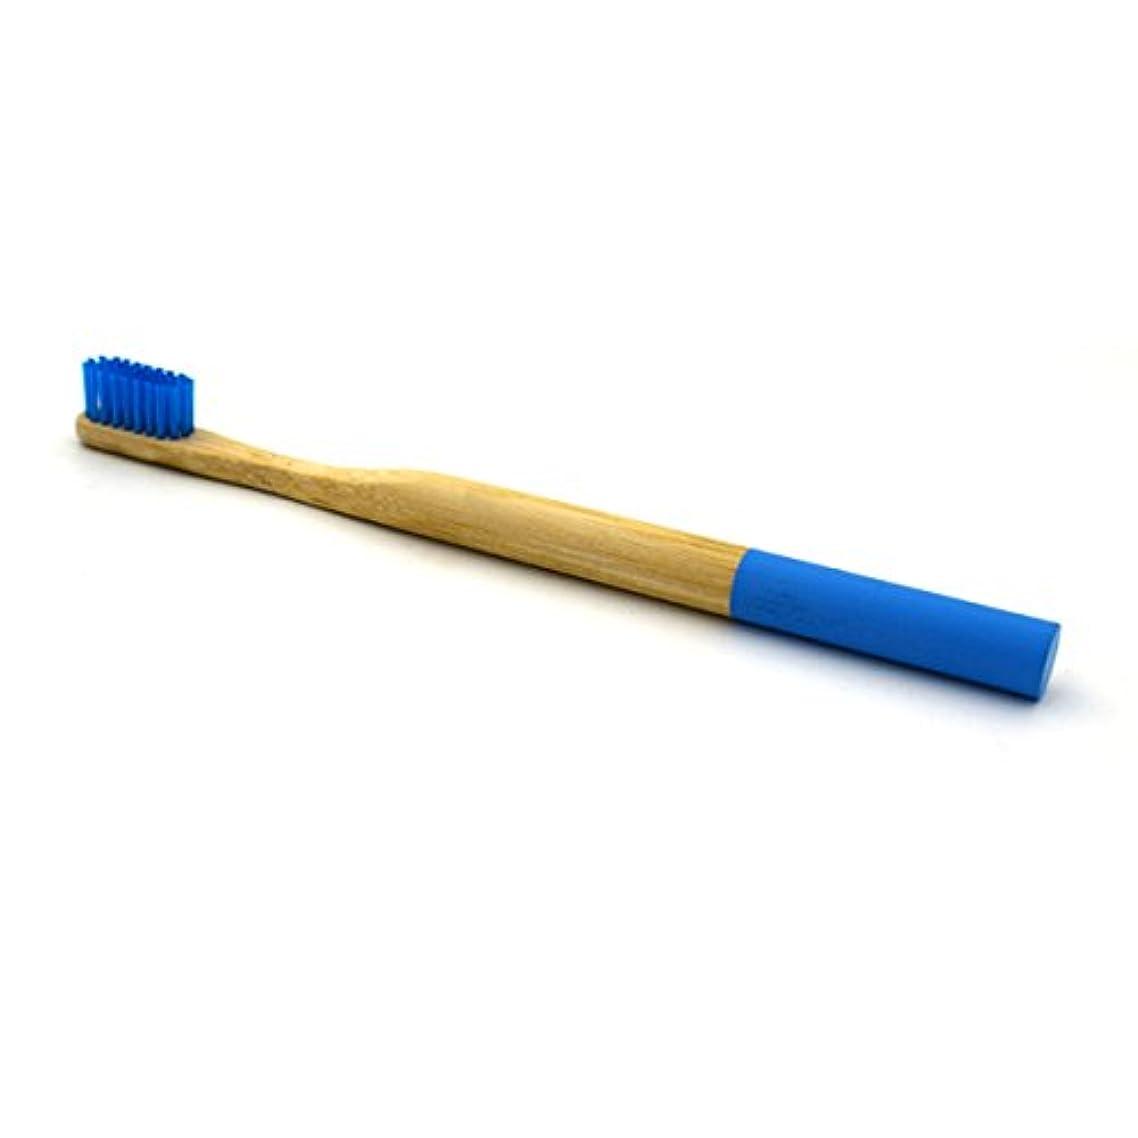 悲しむ煙突堂々たるSUPVOX タケ歯ブラシの円形のハンドルの自然なEcoの友好的で柔らかい剛毛旅行歯ブラシ